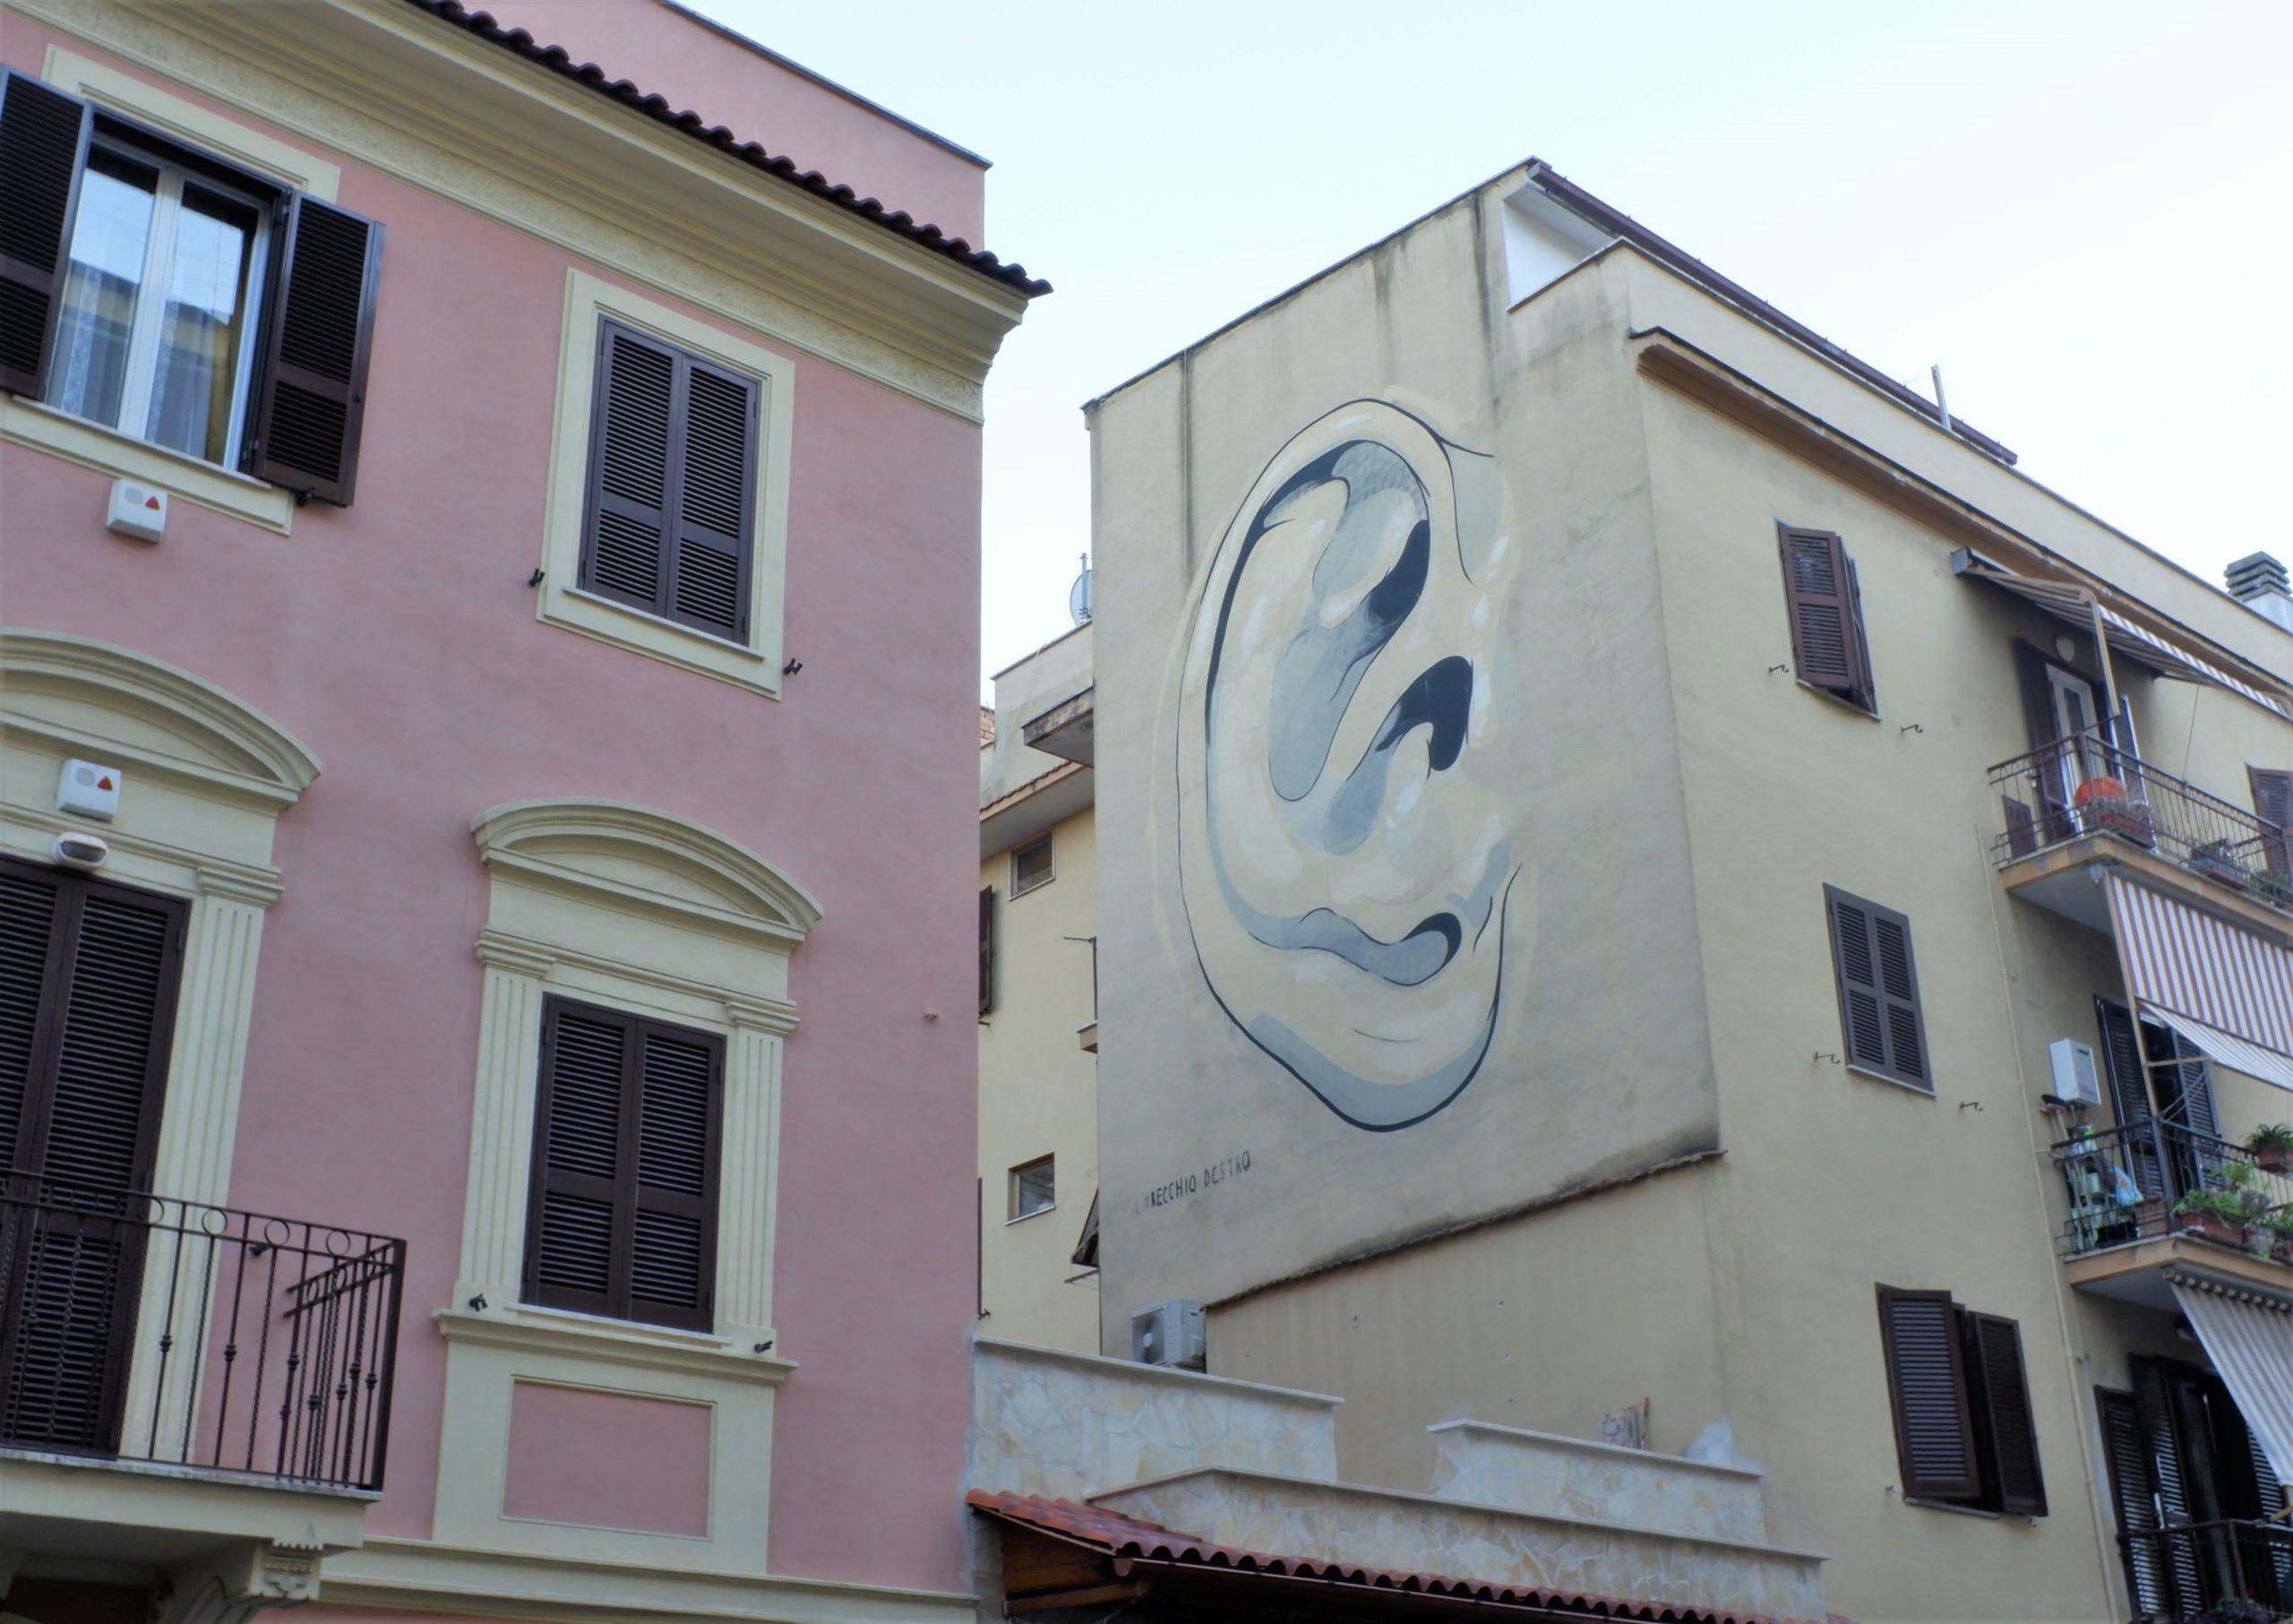 escif street art torpignattara